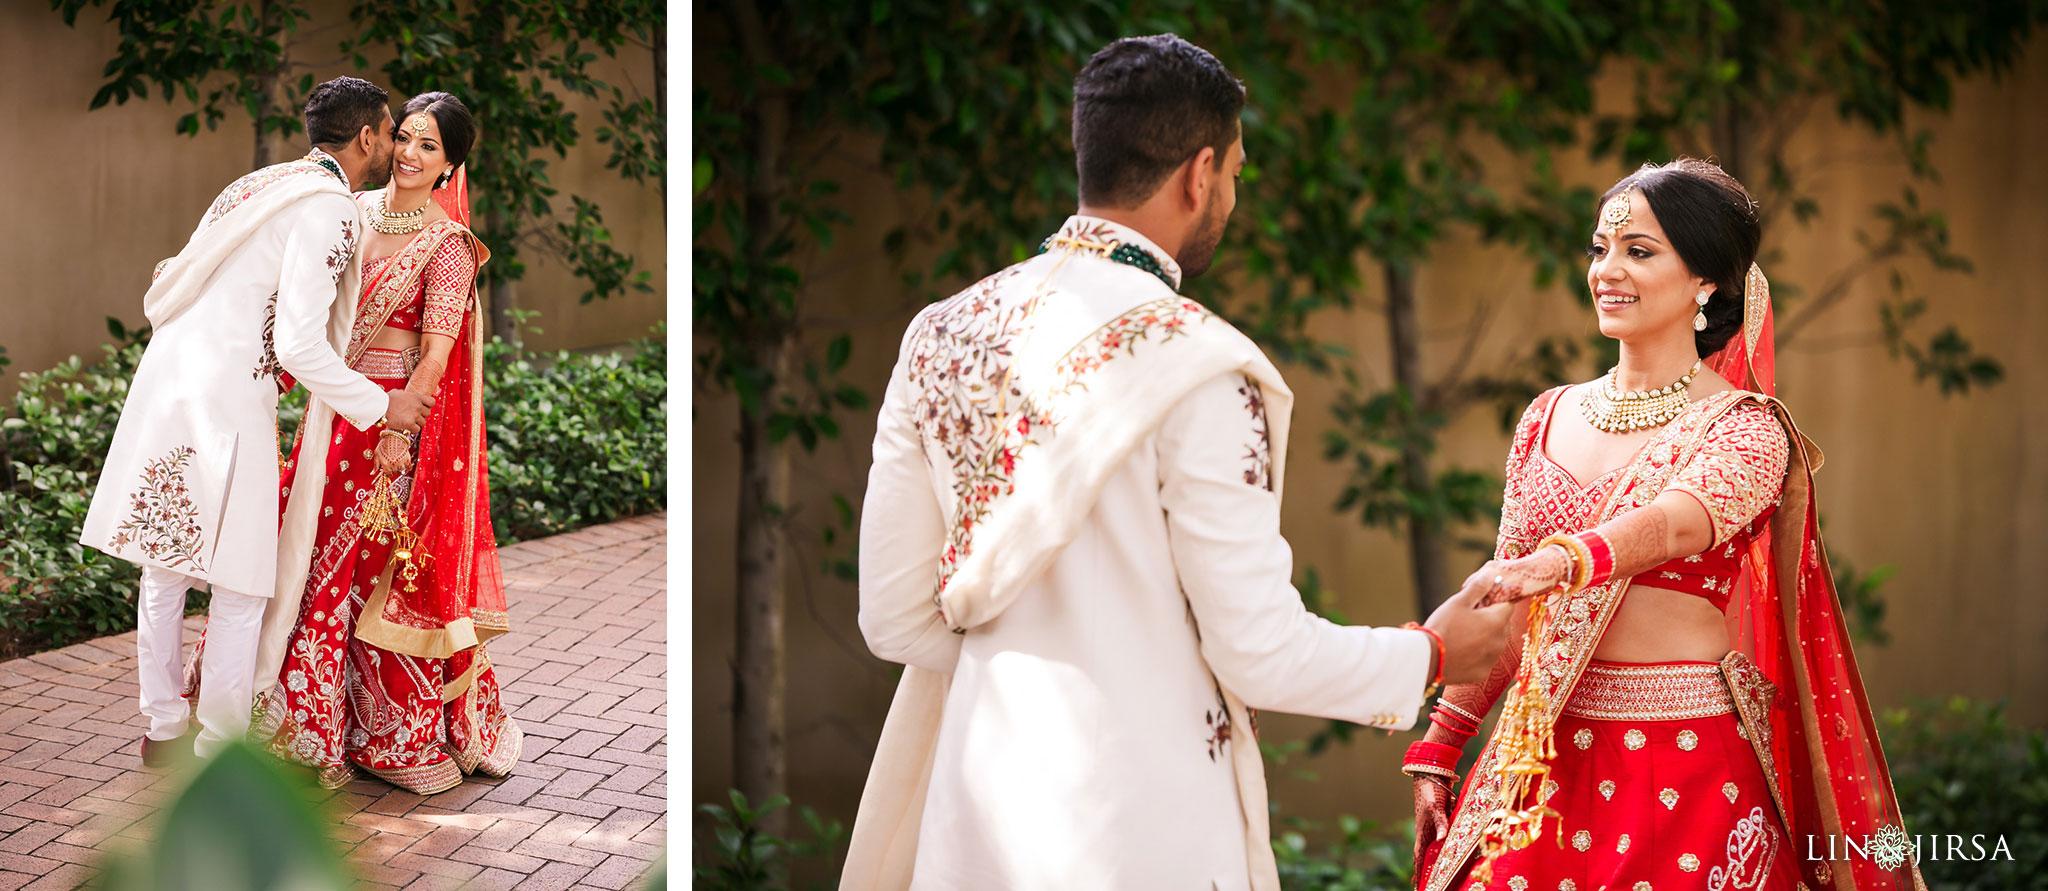 15 pelican hill resort orange county indian wedding photographer